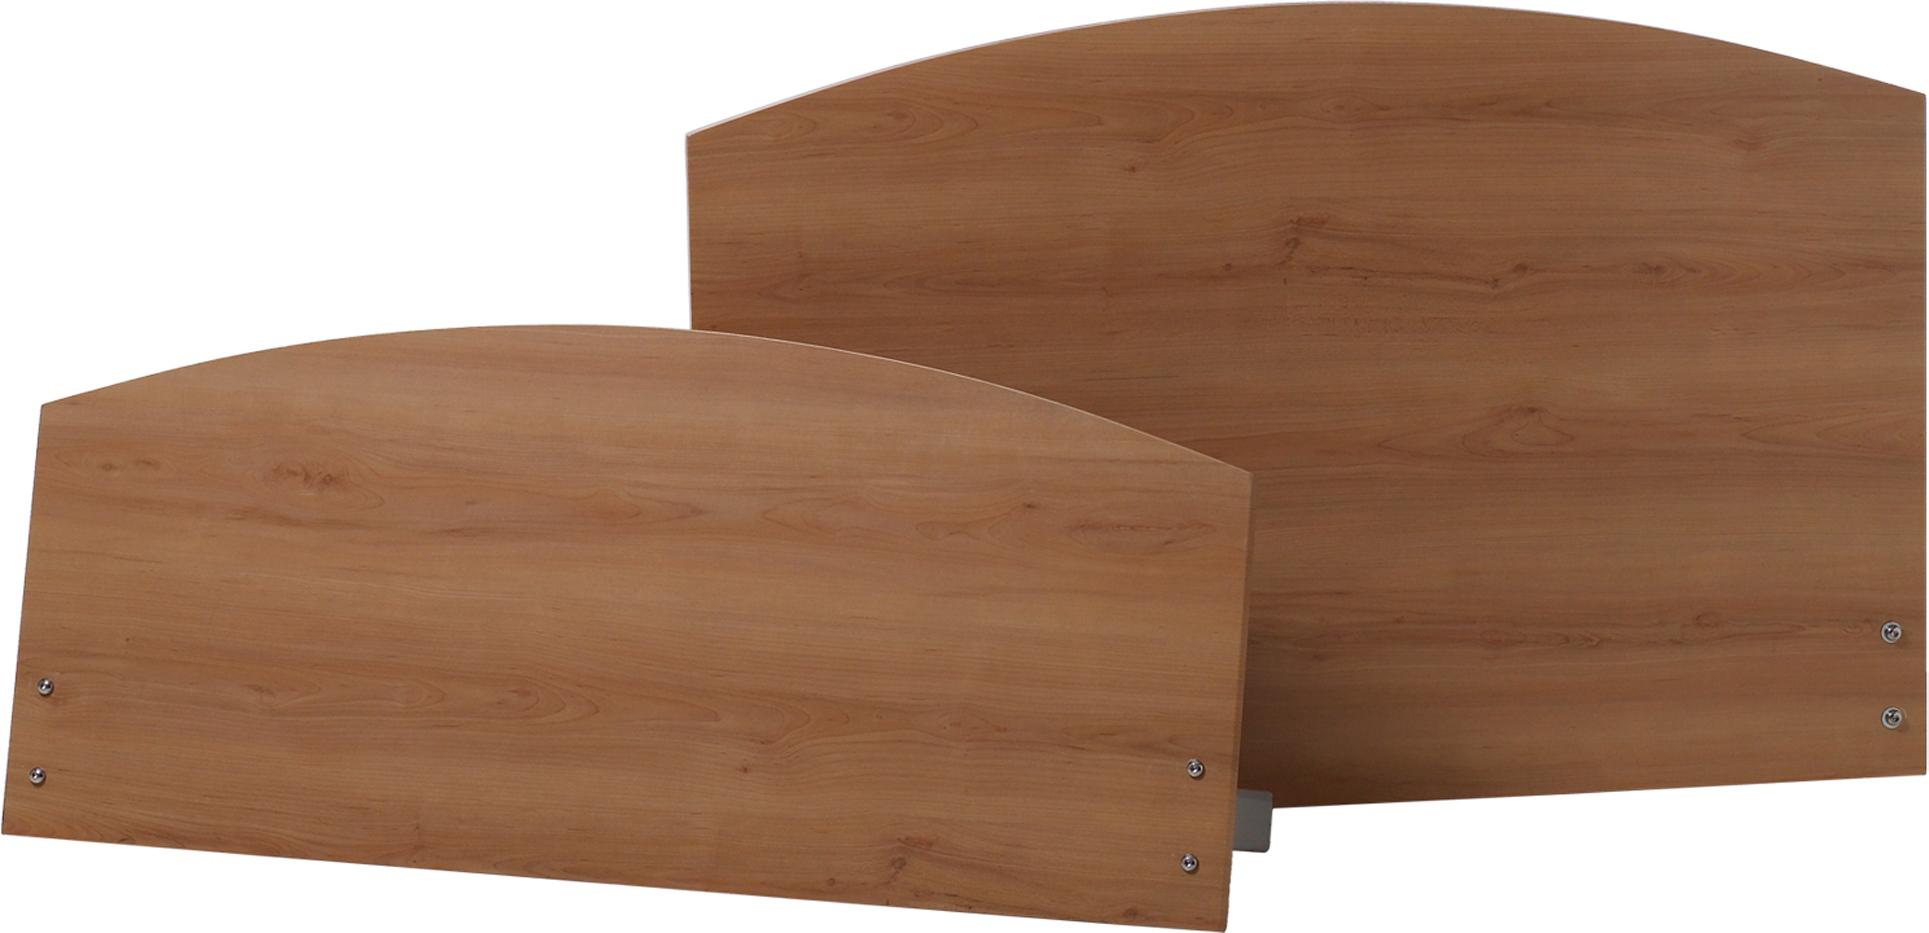 cabezales de madera conjunto geriayuda